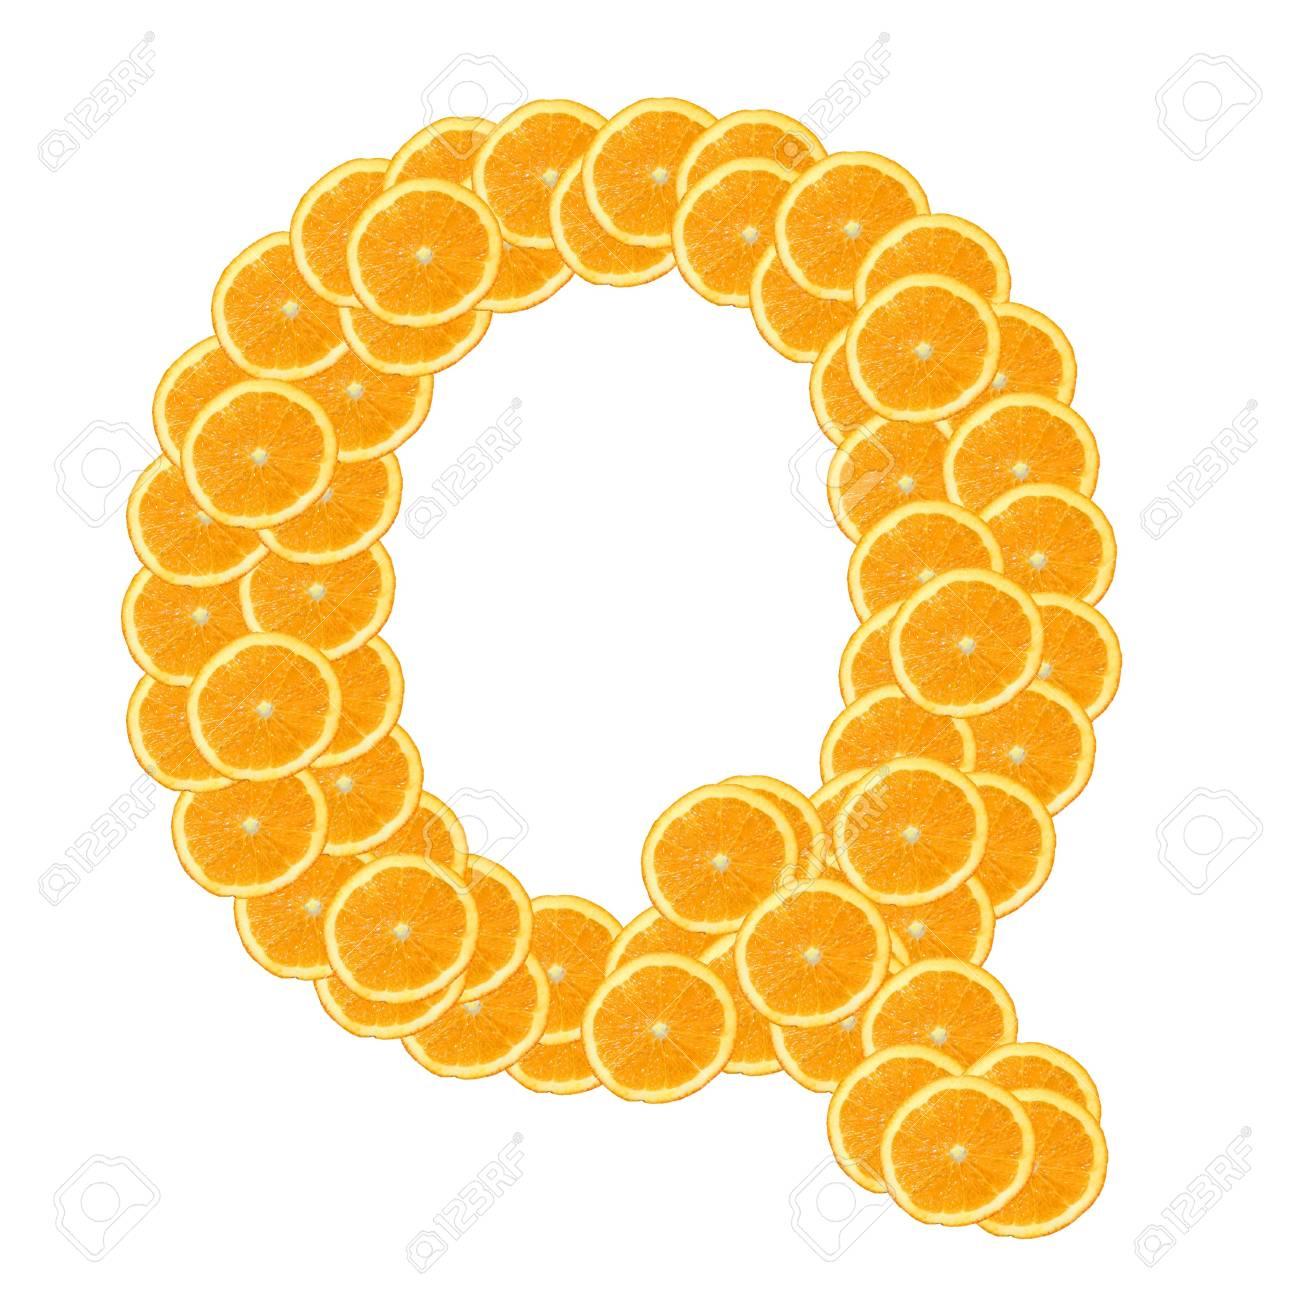 healthy orange fruit alphabet or font isolated on white background Stock Photo - 7092820